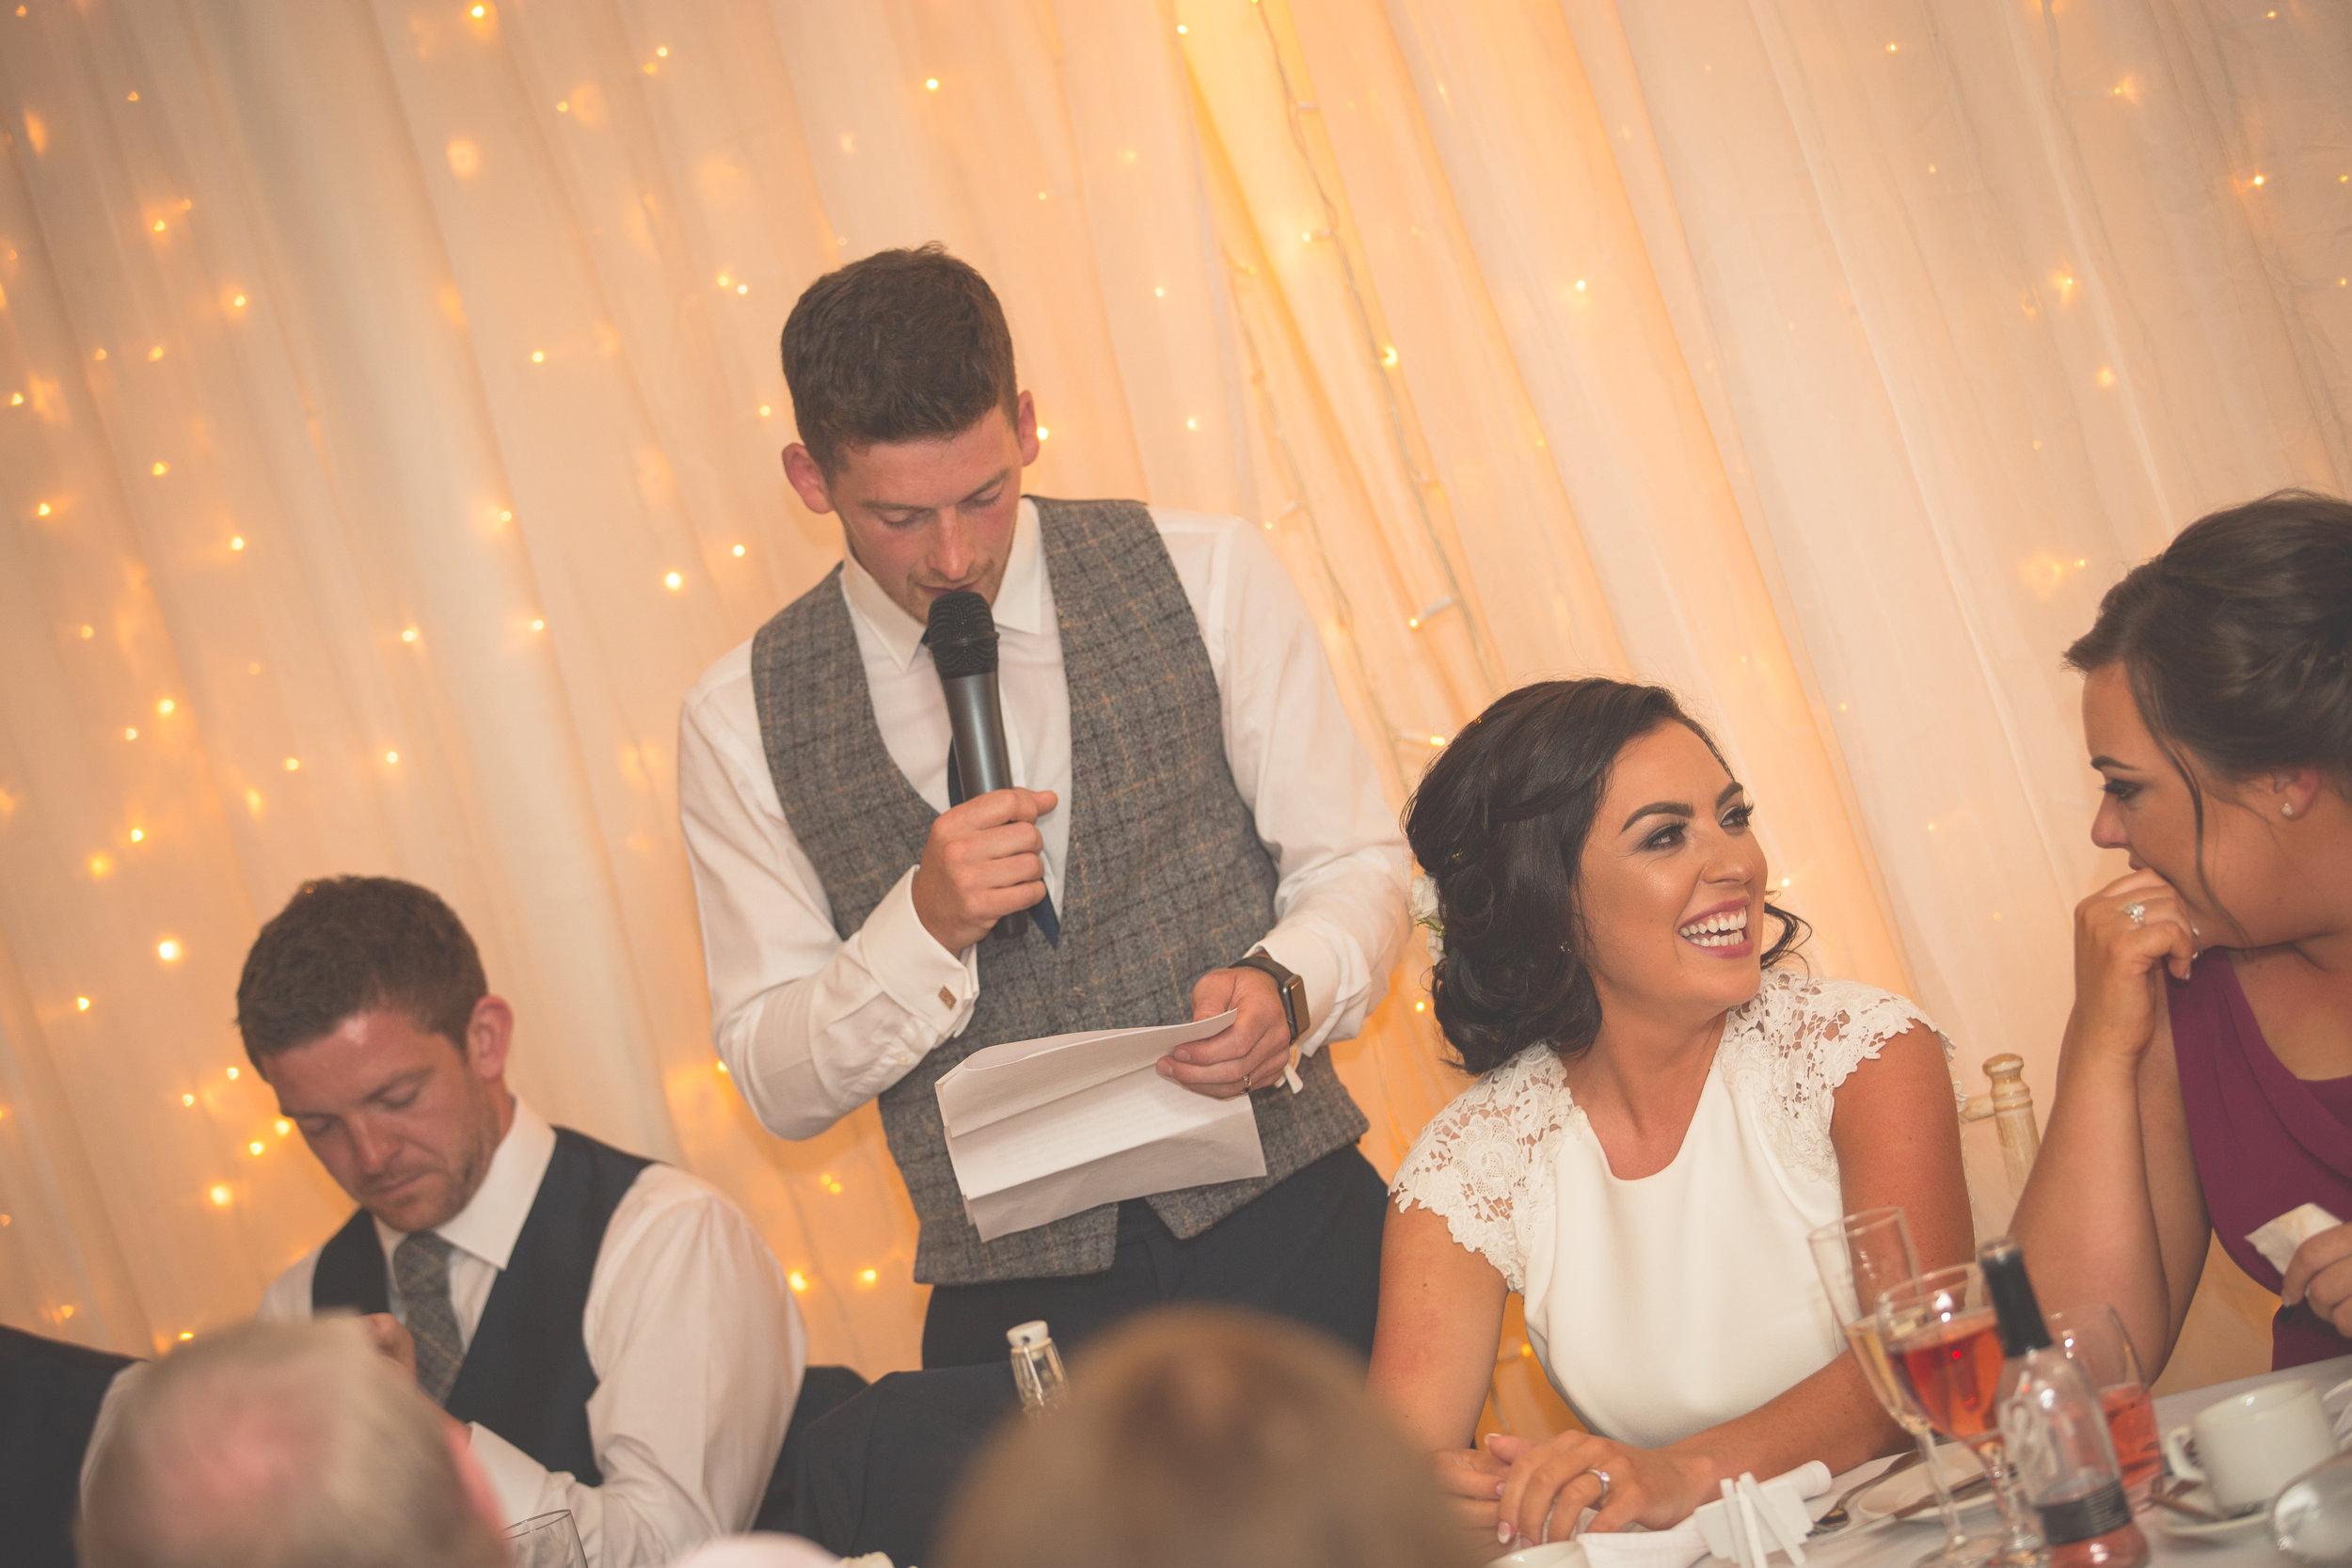 Brian McEwan Wedding Photography | Carol-Anne & Sean | The Speeches-85.jpg